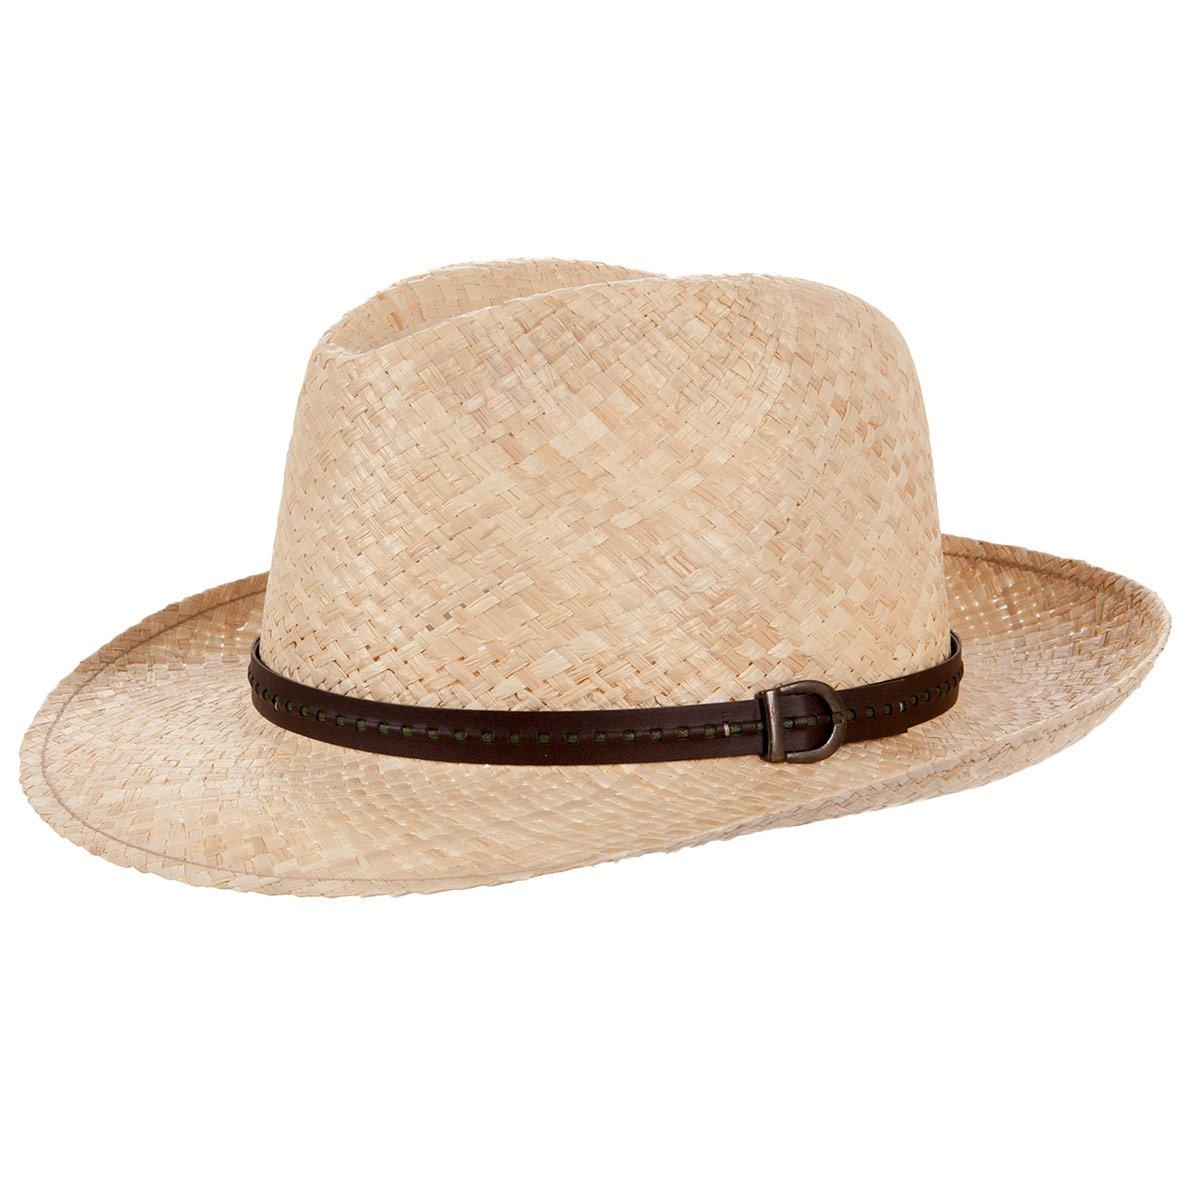 cappello da uomo con tesa larga ... d76ce73a6cd9